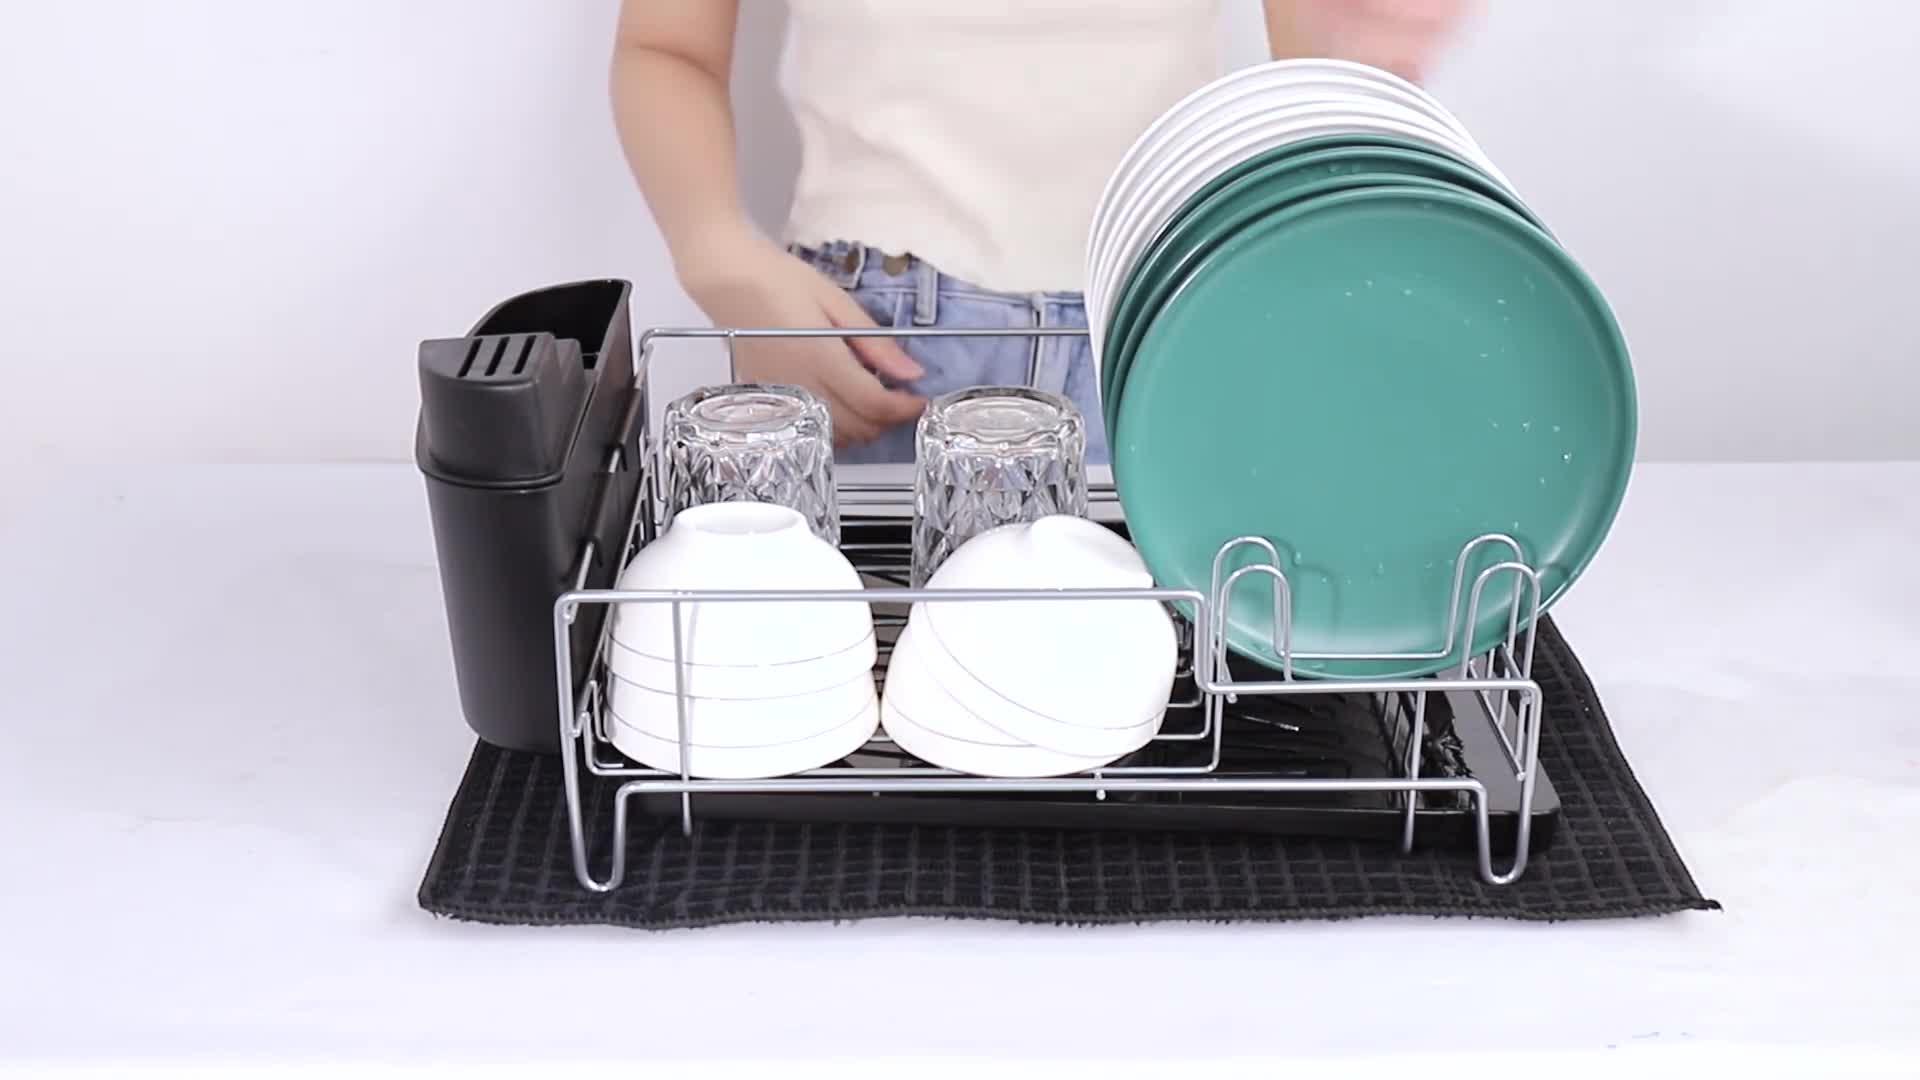 White gerFogoo Repose-ustensiles avec /égouttoir pour plusieurs ustensiles R/ésistant /à la chaleur Ustensile de cuisine Porte-spatule PP Repose-cuill/ère